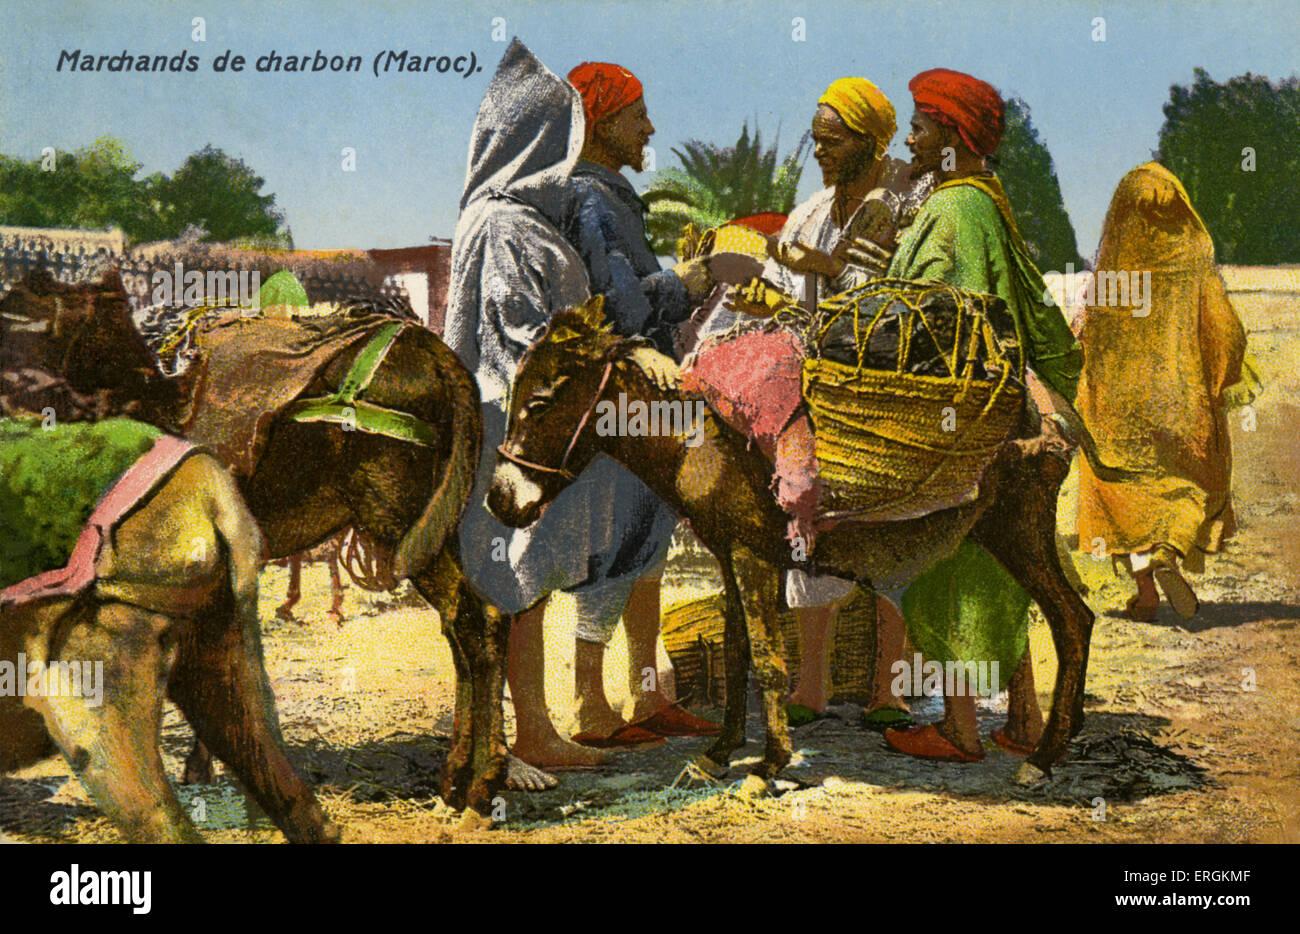 Marocchini venditori di carbone, c.1910. Il carbone viene portato sulle spalle di donkies. Immagini Stock